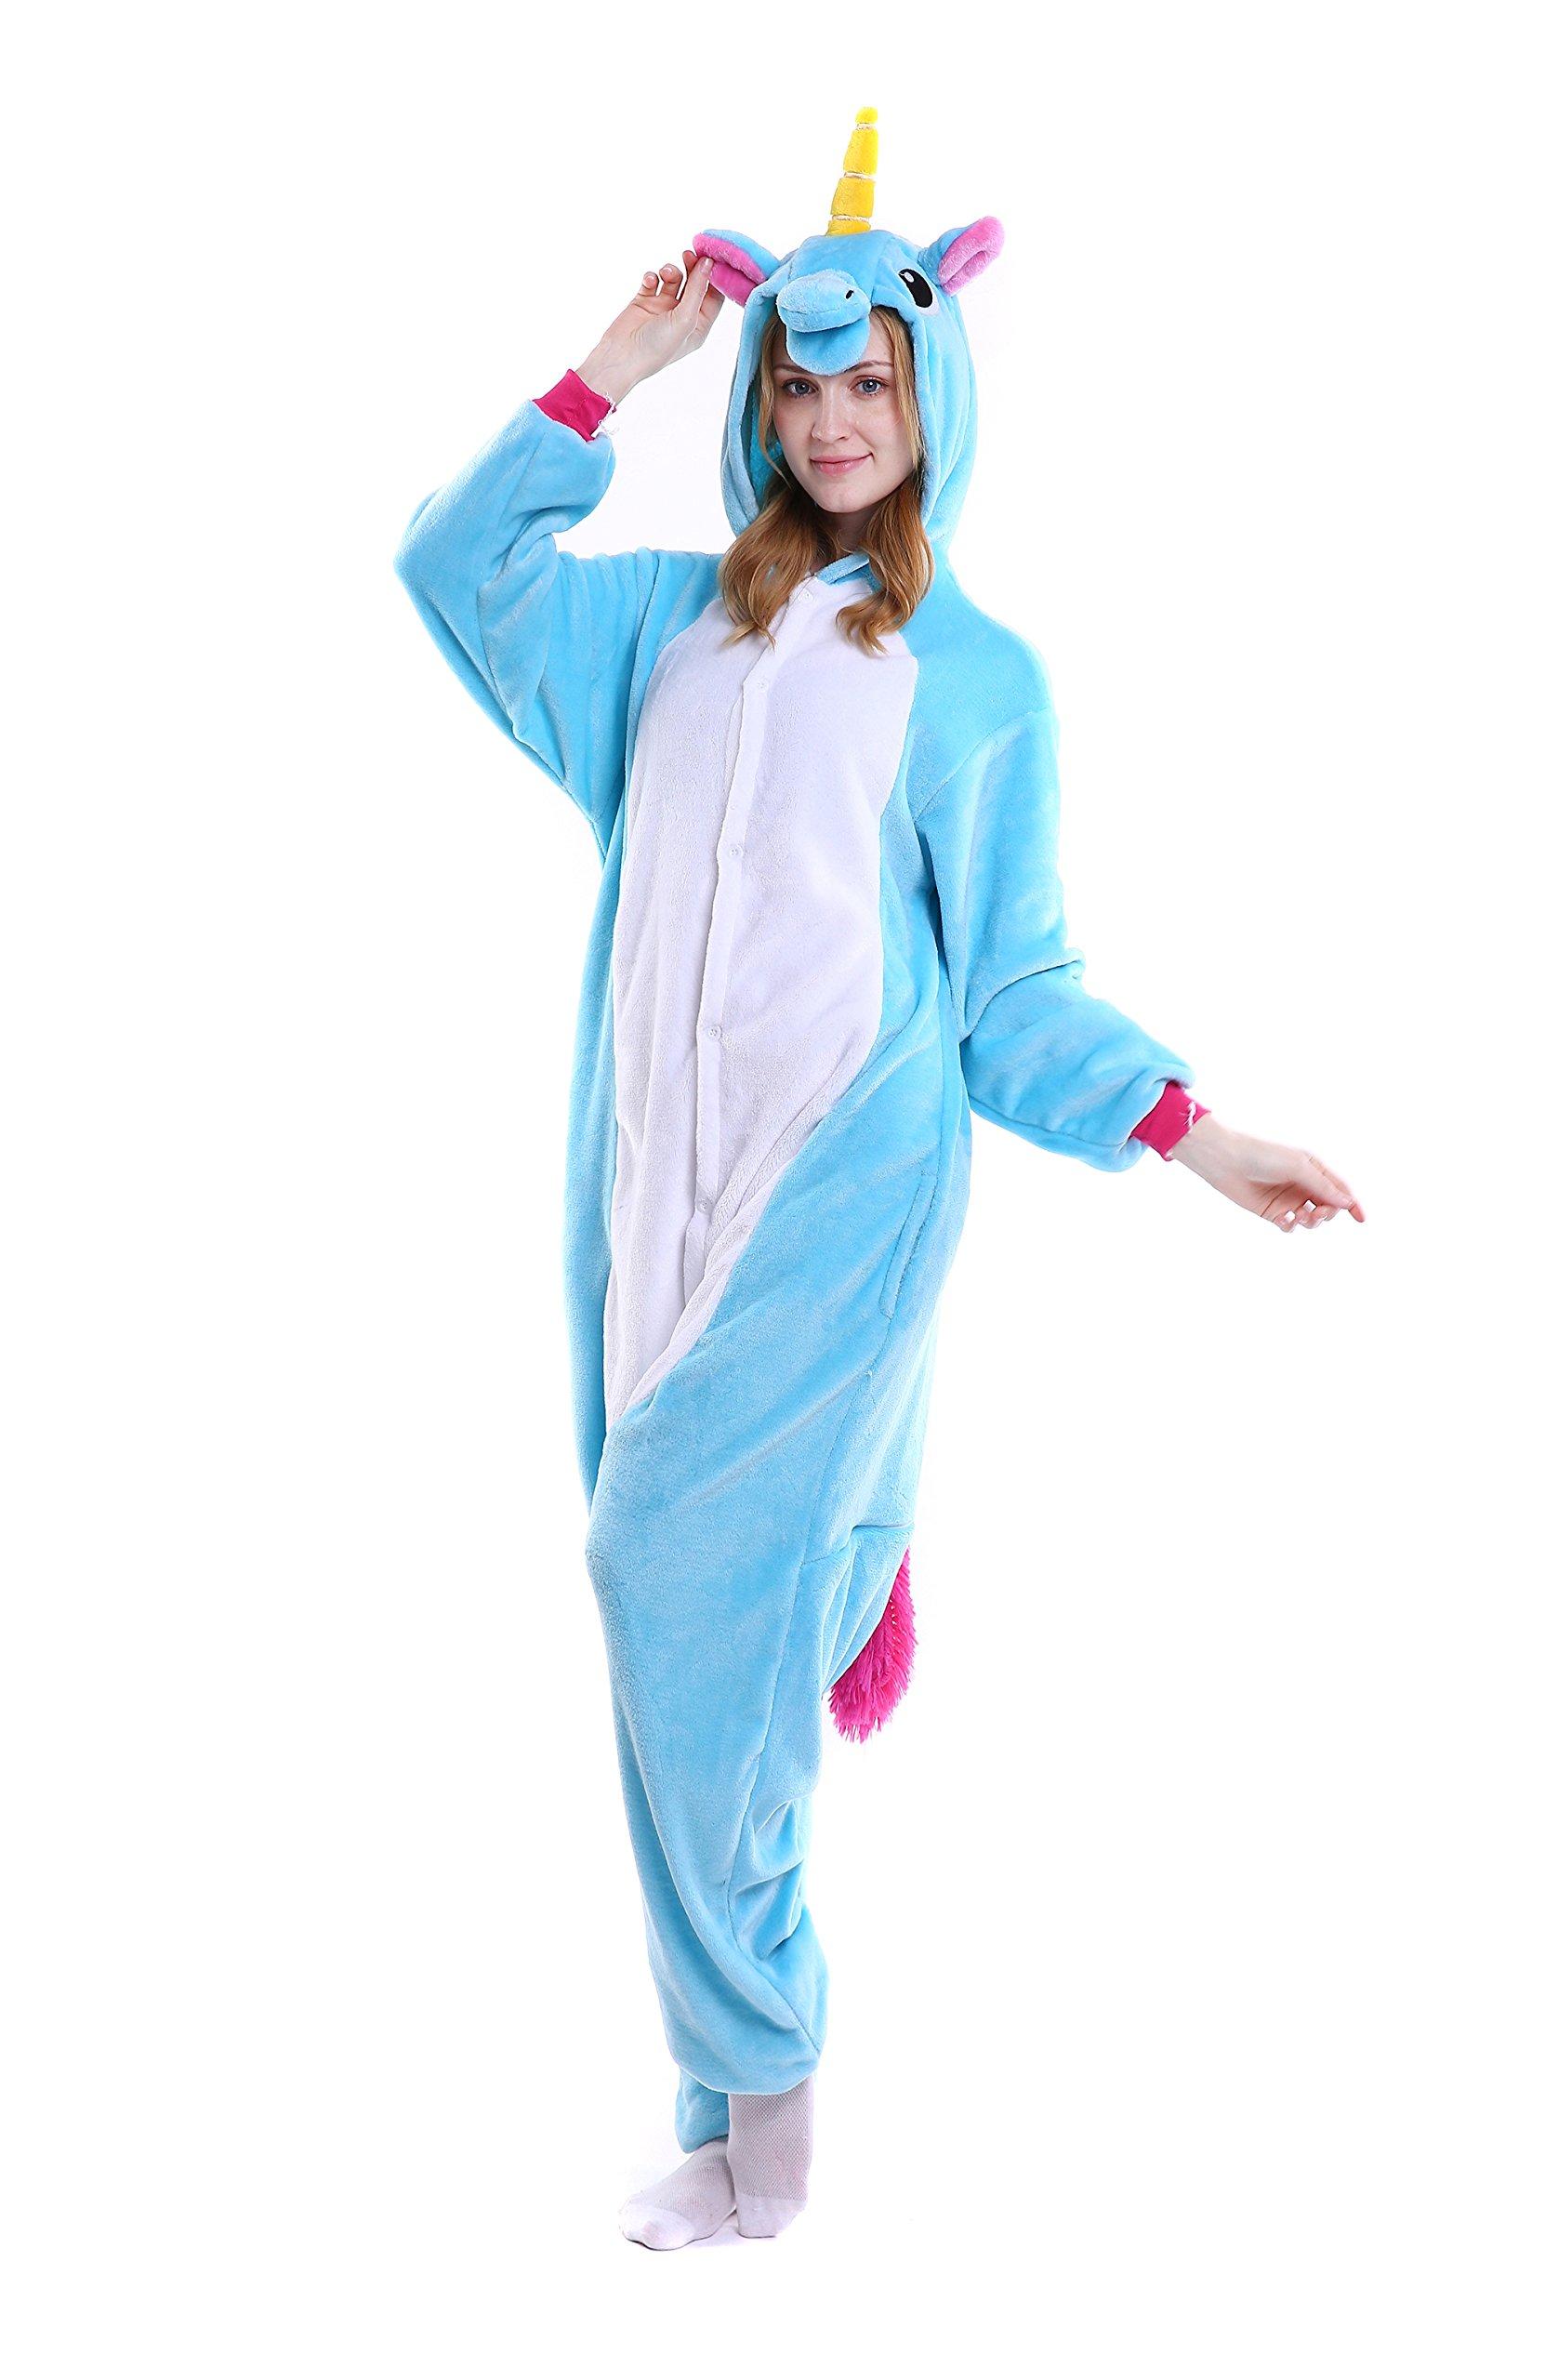 UsHigh Adult Pajamas Costume Soft Onesies Unisex Animal Cosplay Sleepsuit Gift